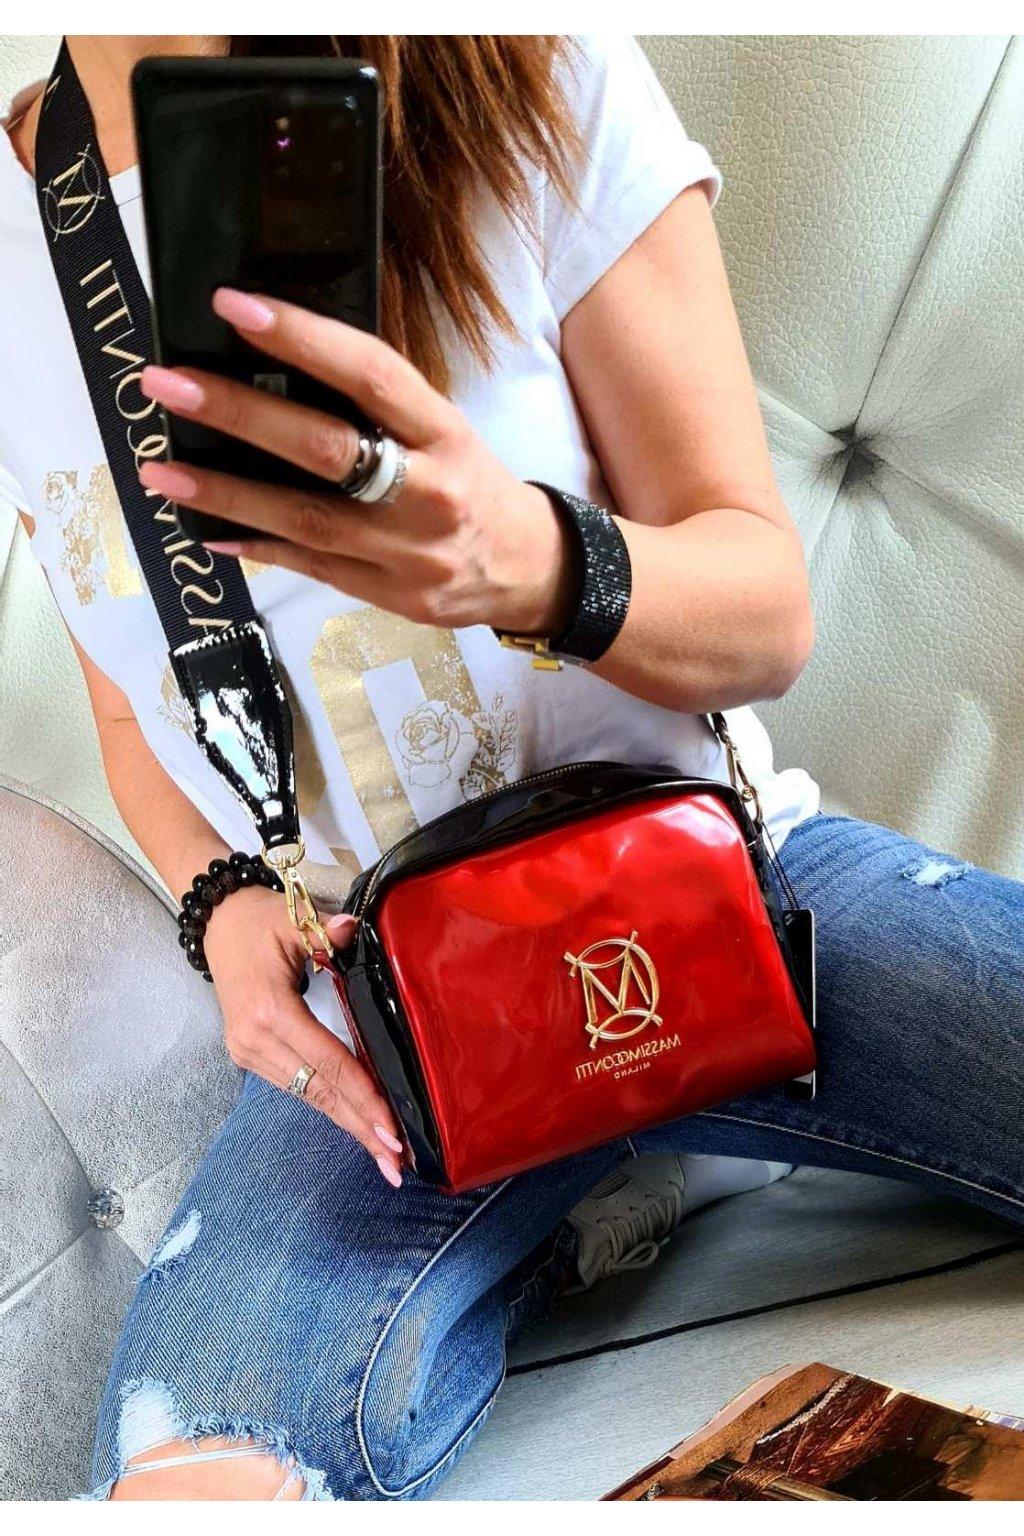 CROSSBODY massimo contti černočervená italy style fashion luxusní kabelka must have značková kabelka